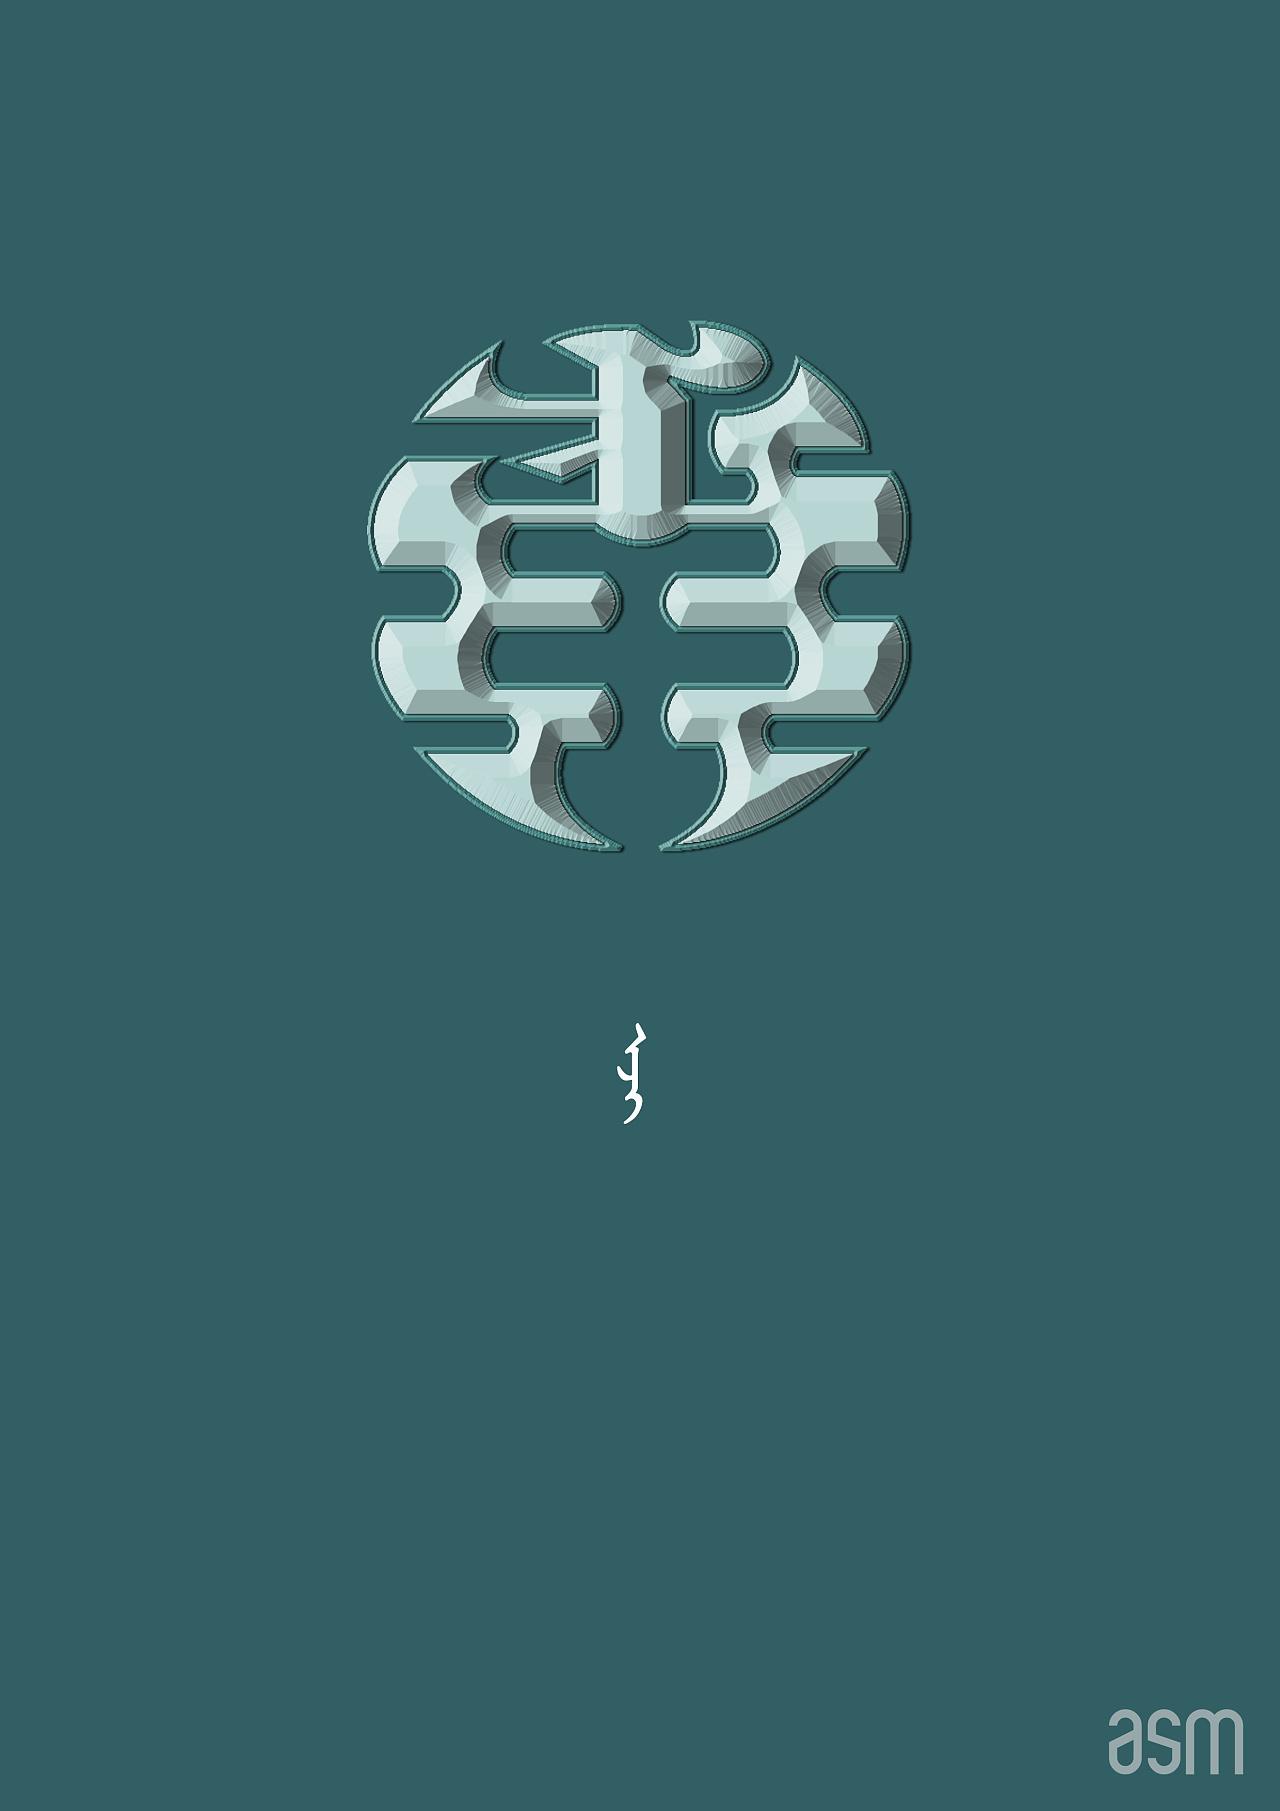 蒙古艺术文字4 -阿斯玛设计 第4张